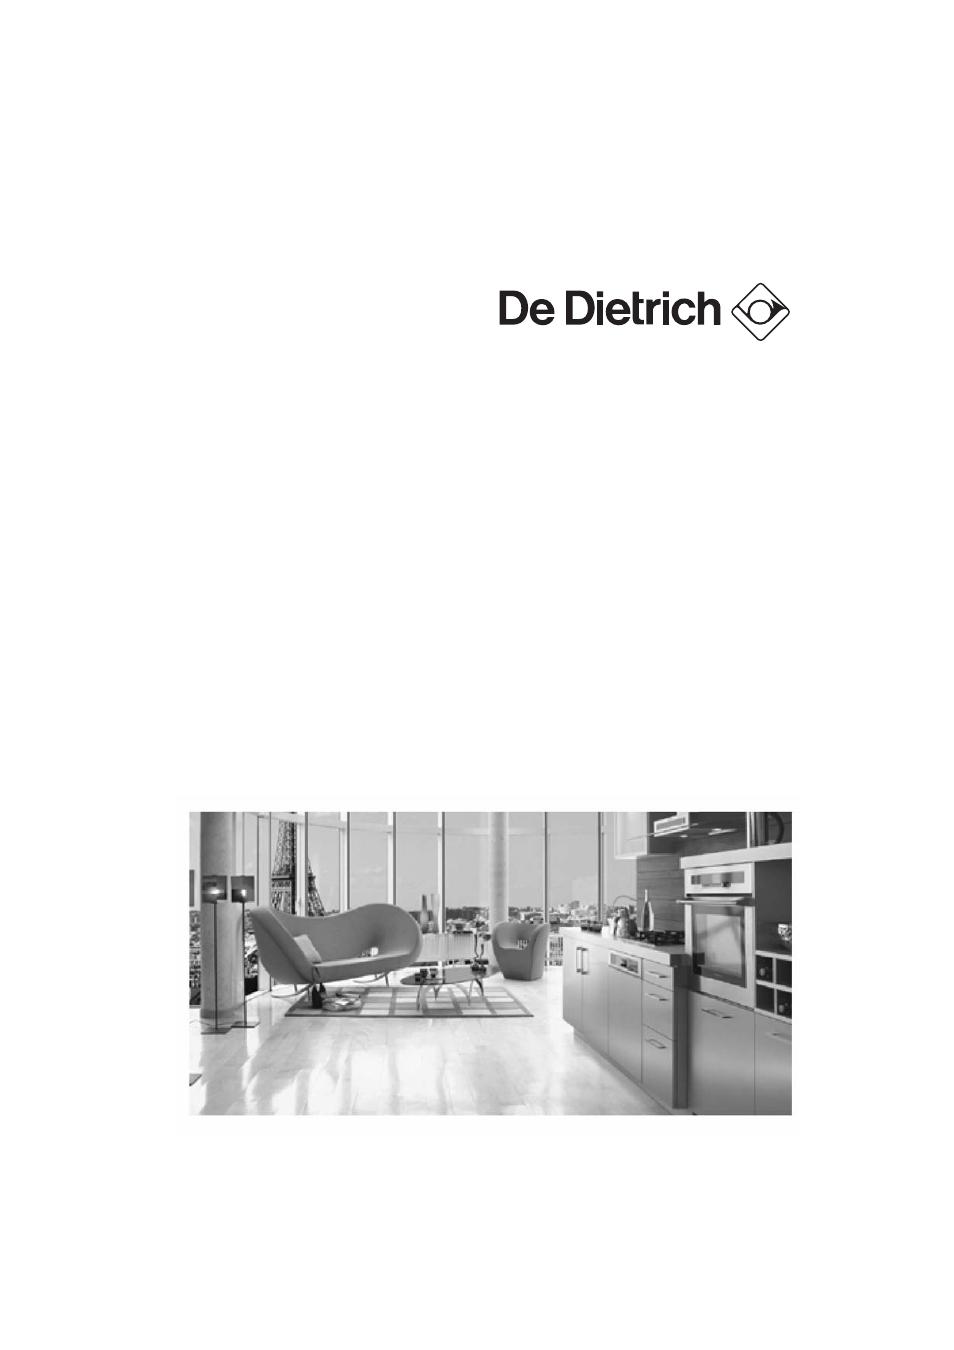 De Dietrich Dvy640 User Manual 19 Pages